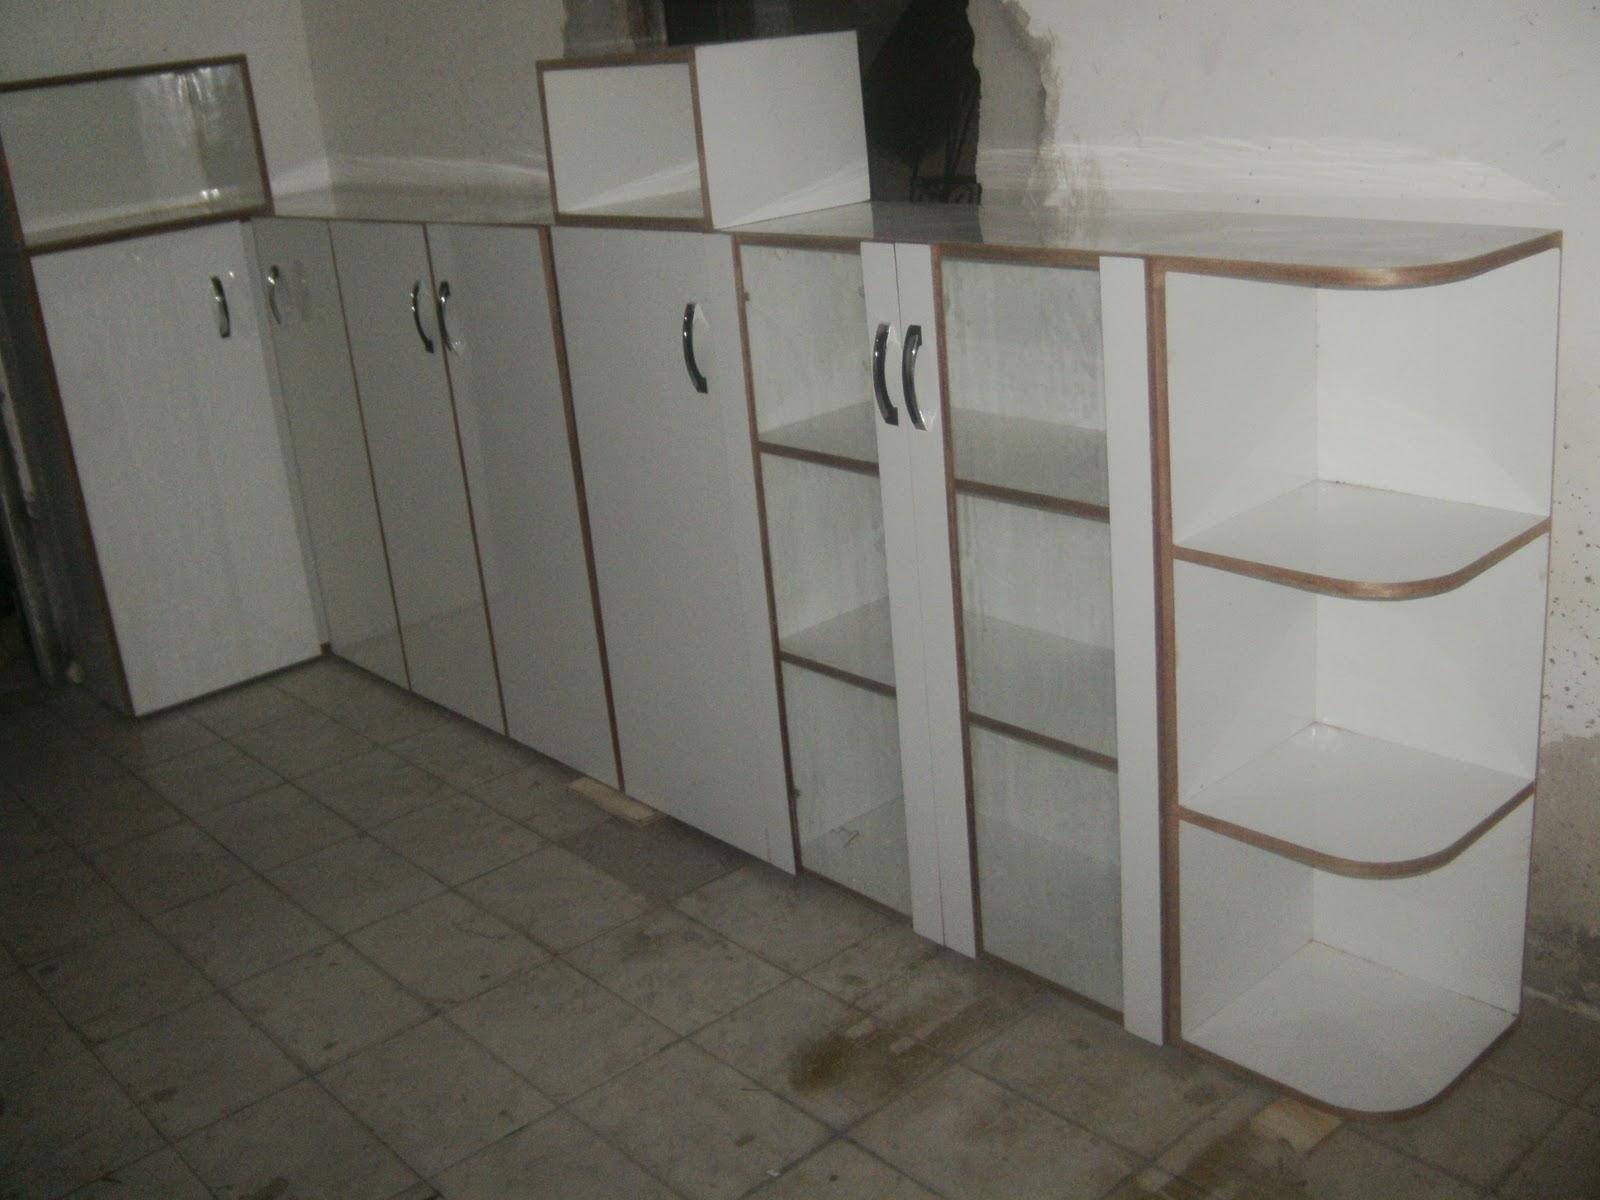 Adesivo De Rosto ~ Fernando Móveis Ltda Armário em madeira revestido com formica branca com portas de vidro